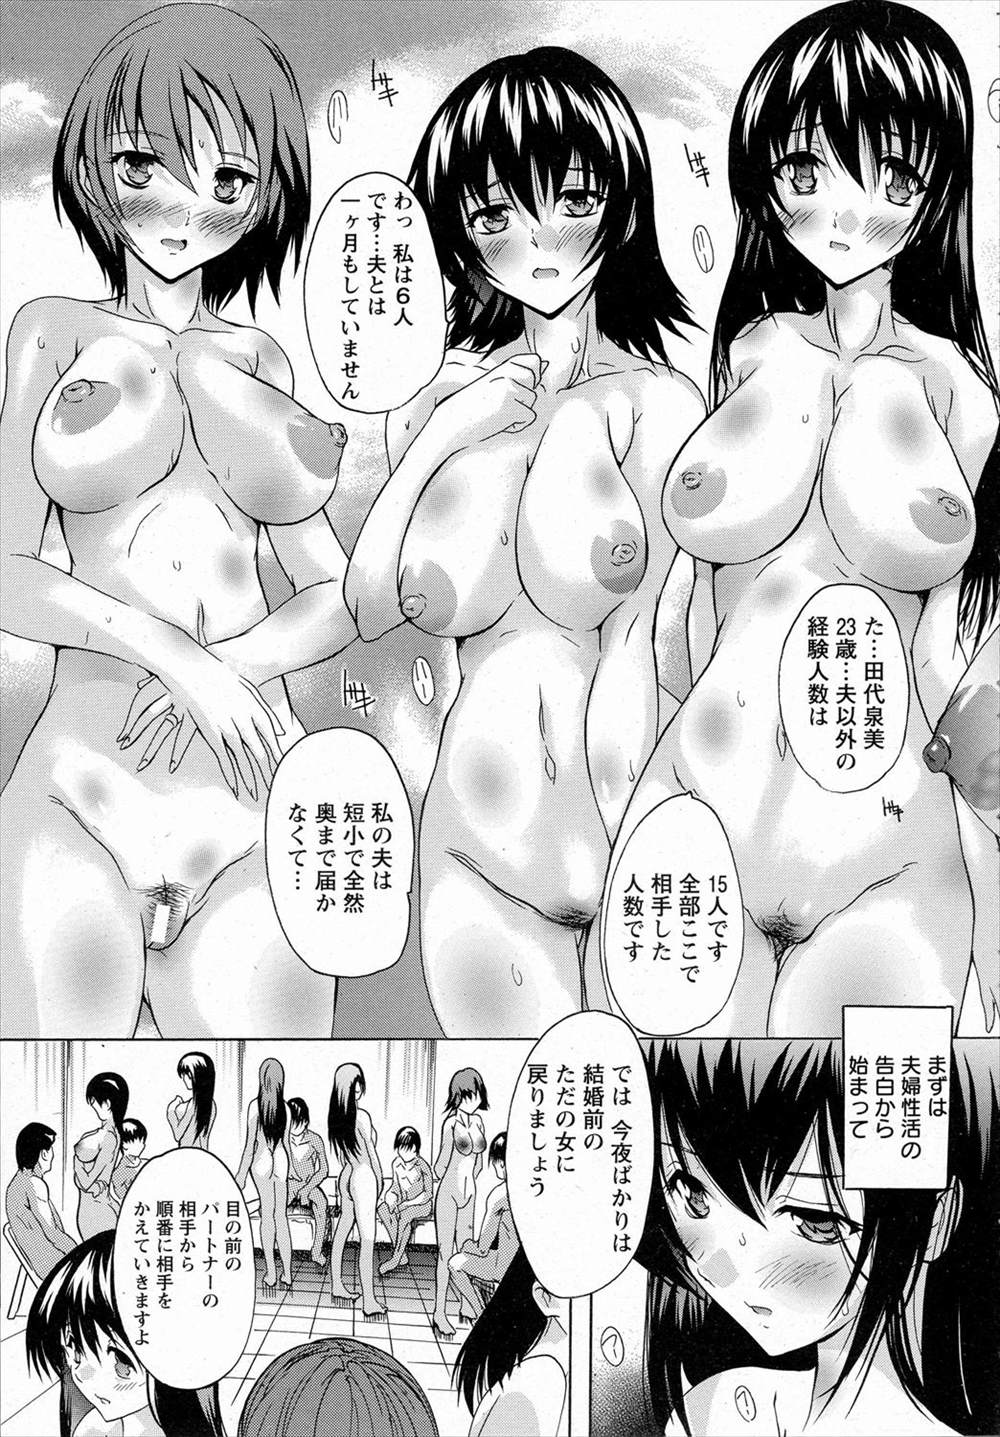 【エロ漫画】欲求不満で溜まっている人妻たちを集めて乱交輪姦ツアーでセックスしまくるwwww